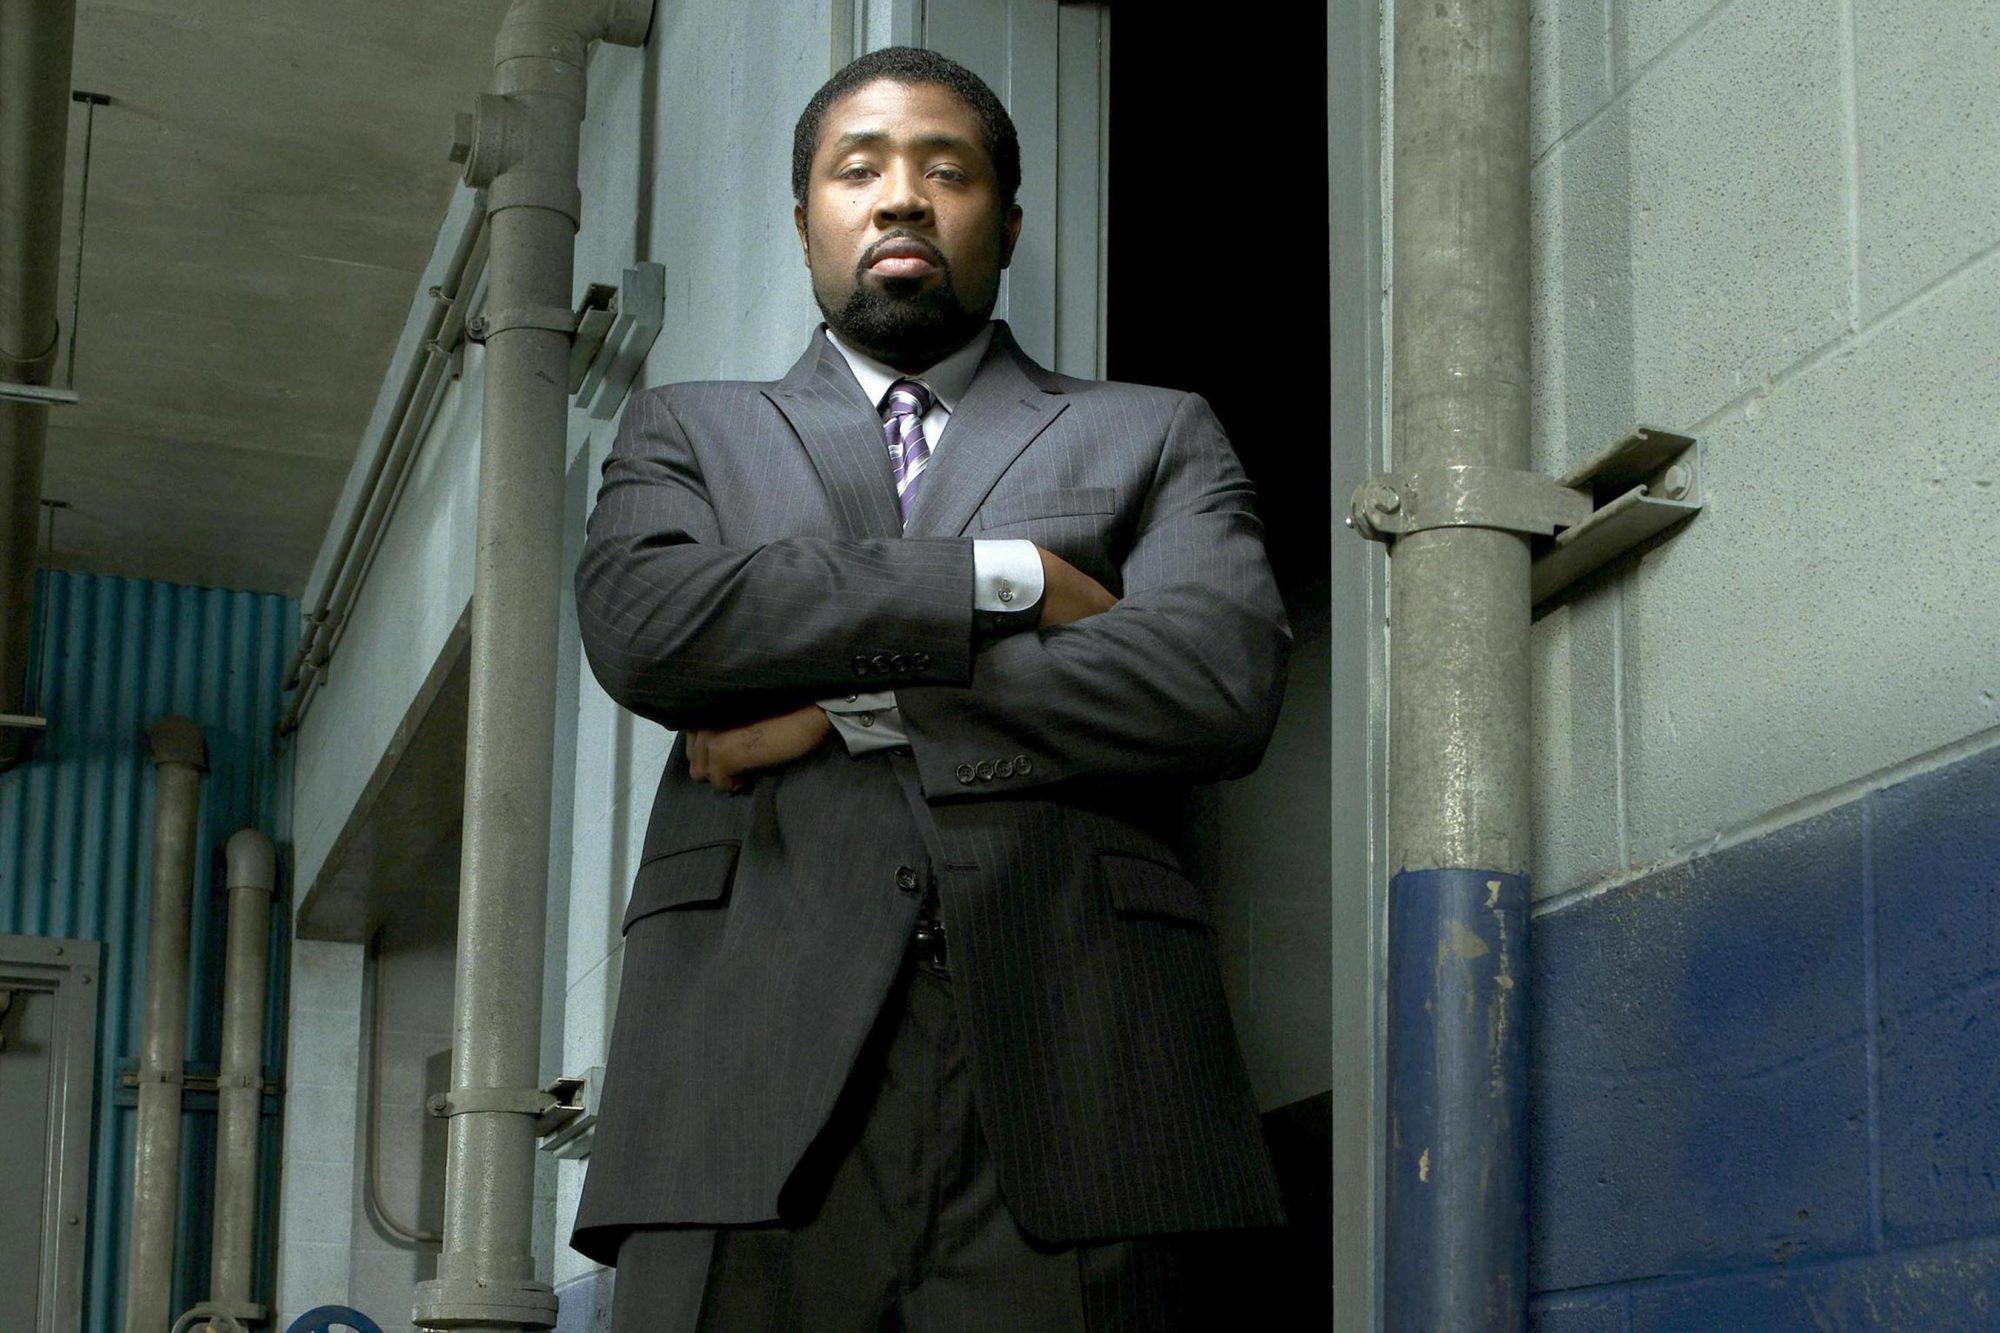 PRISON BREAK, Cress Williams, (Season 4), 2005-09, photo: Michael Lavine / ©Fox / courtesy Everett C